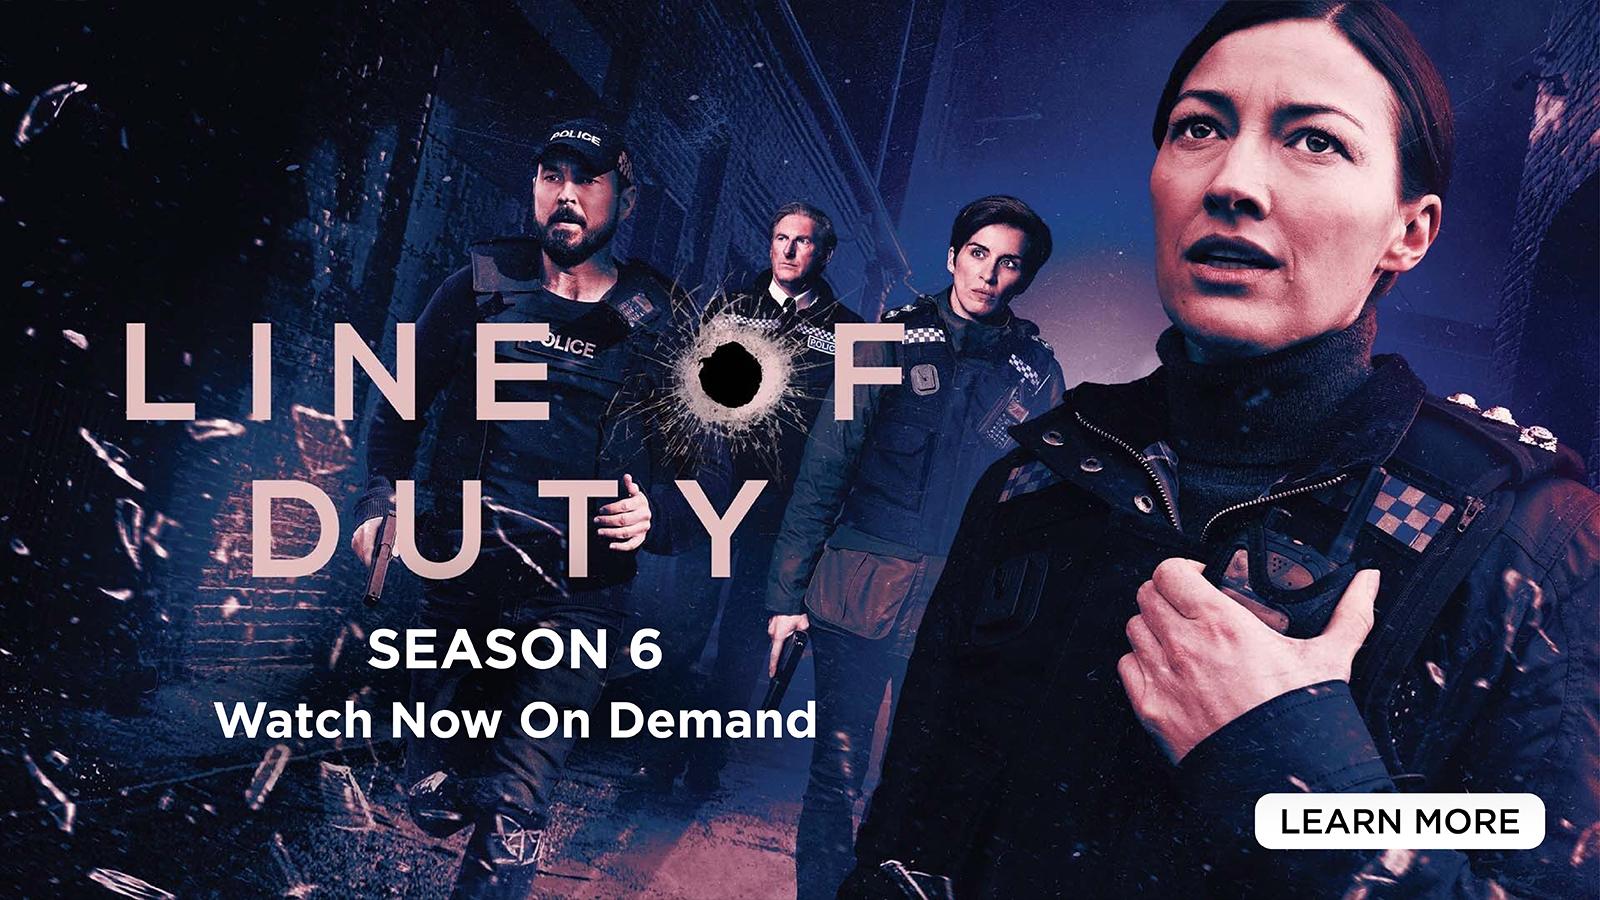 Line of Duty Season 6 [Learn More]